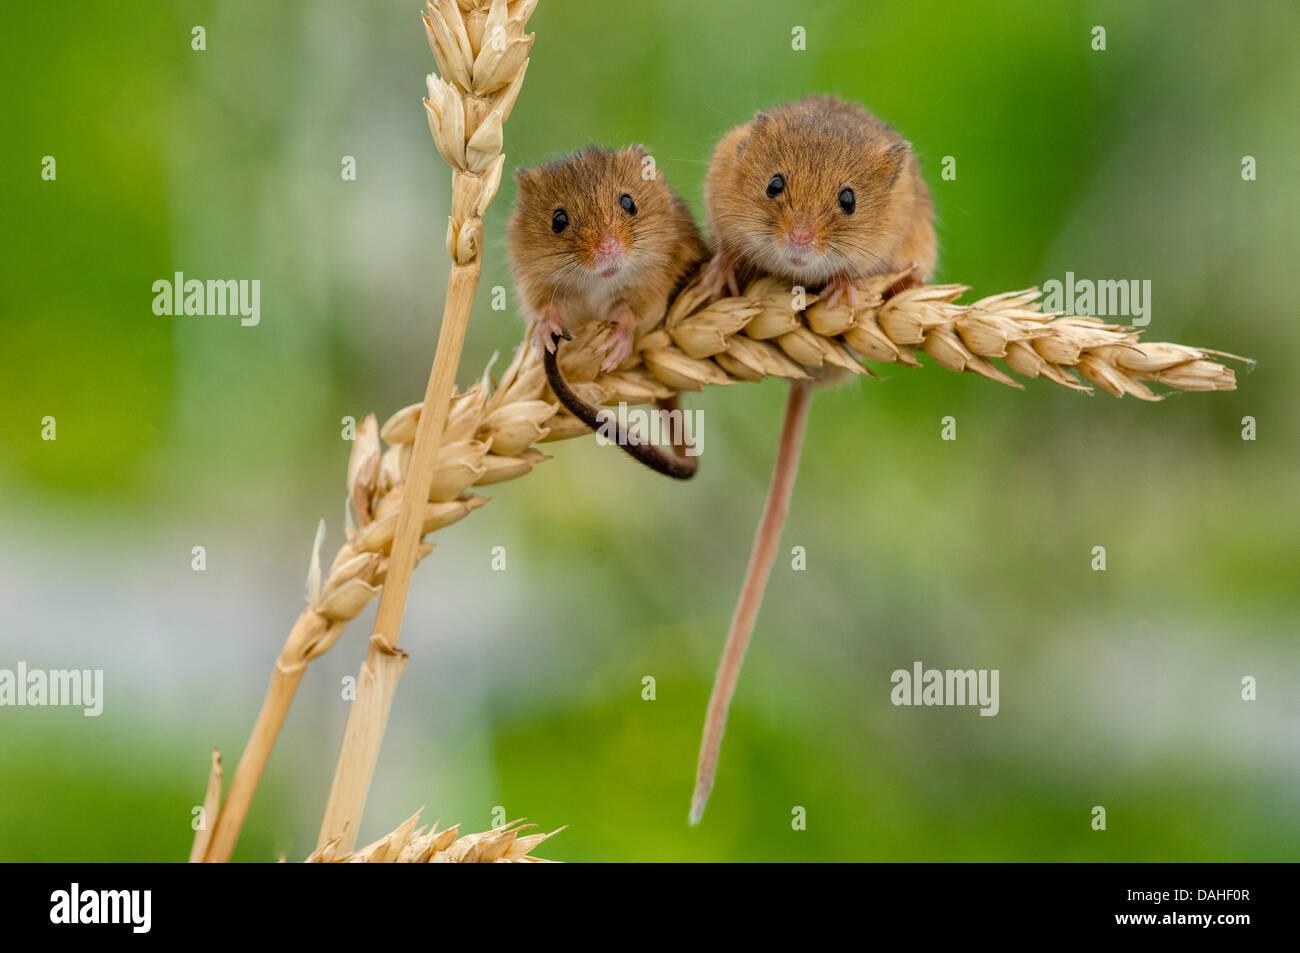 harvest mice,micromys minutus on ears of corn - Stock Image